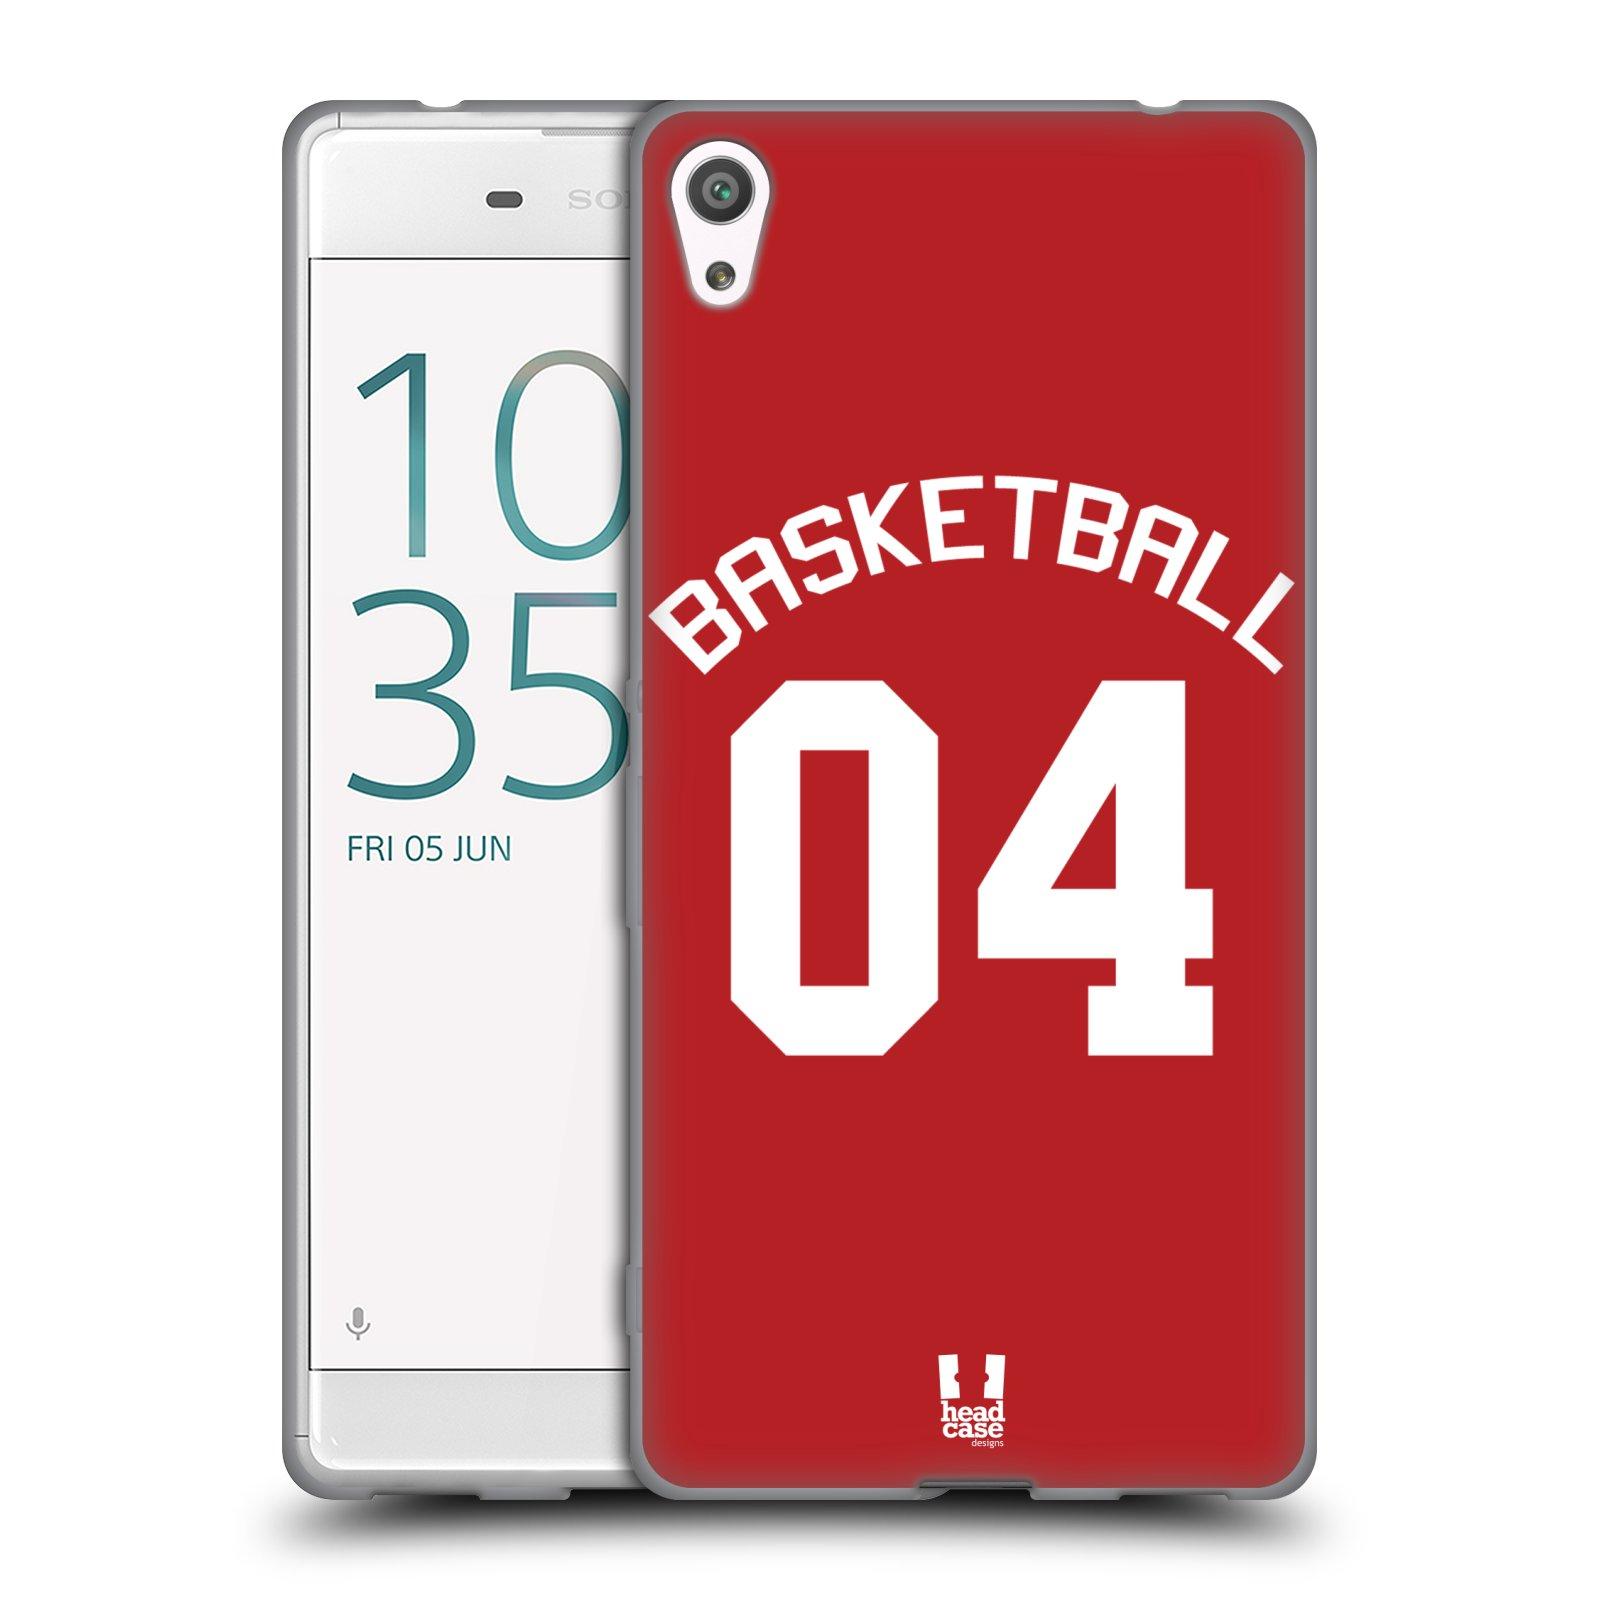 HEAD CASE silikonový obal na mobil Sony Xperia XA ULTRA Sportovní dres Basketbal červený